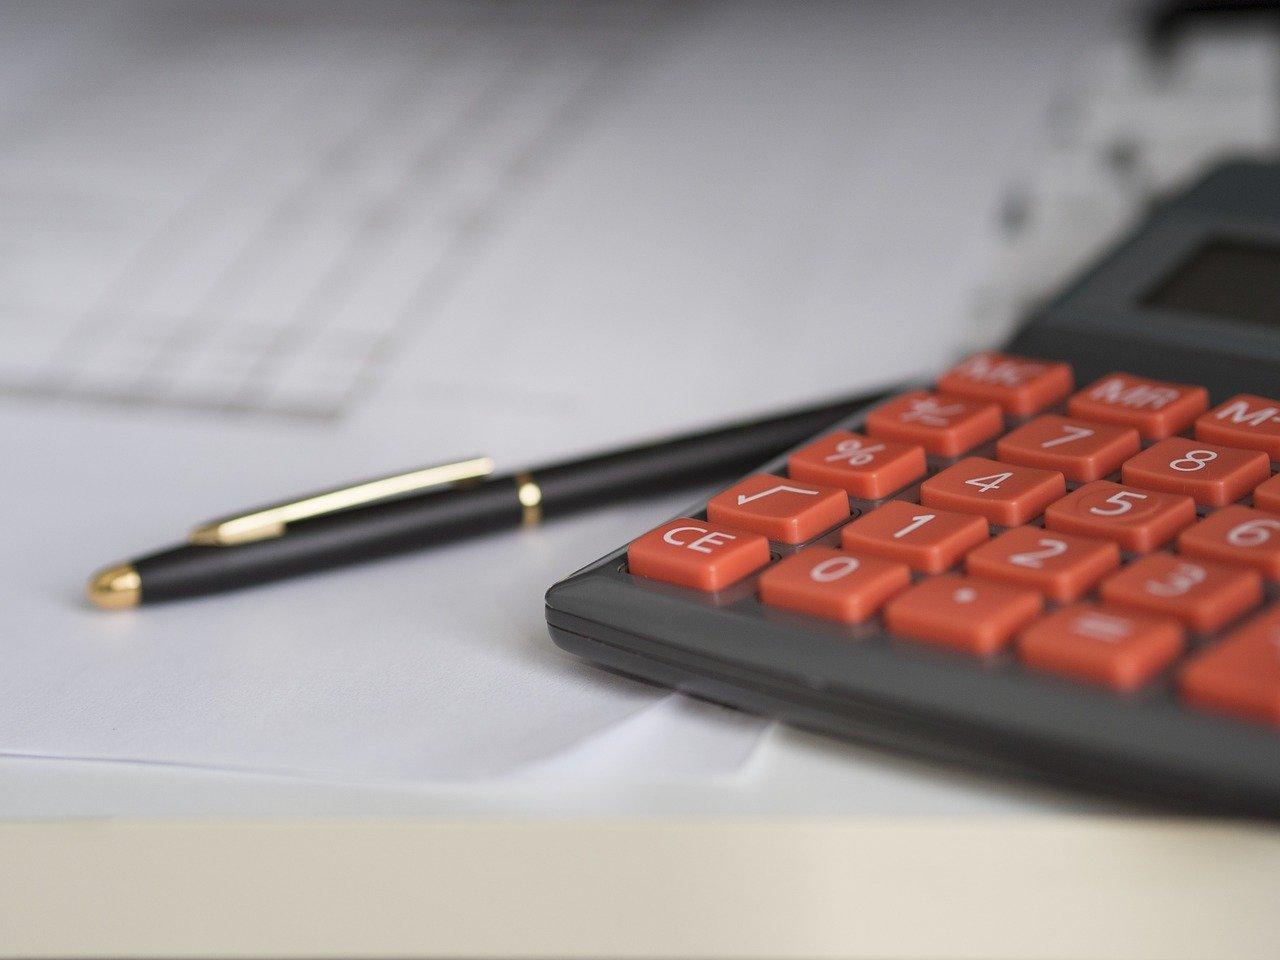 Ниските цени на счетоводни услуги са по-голям проблем, отколкото мислим